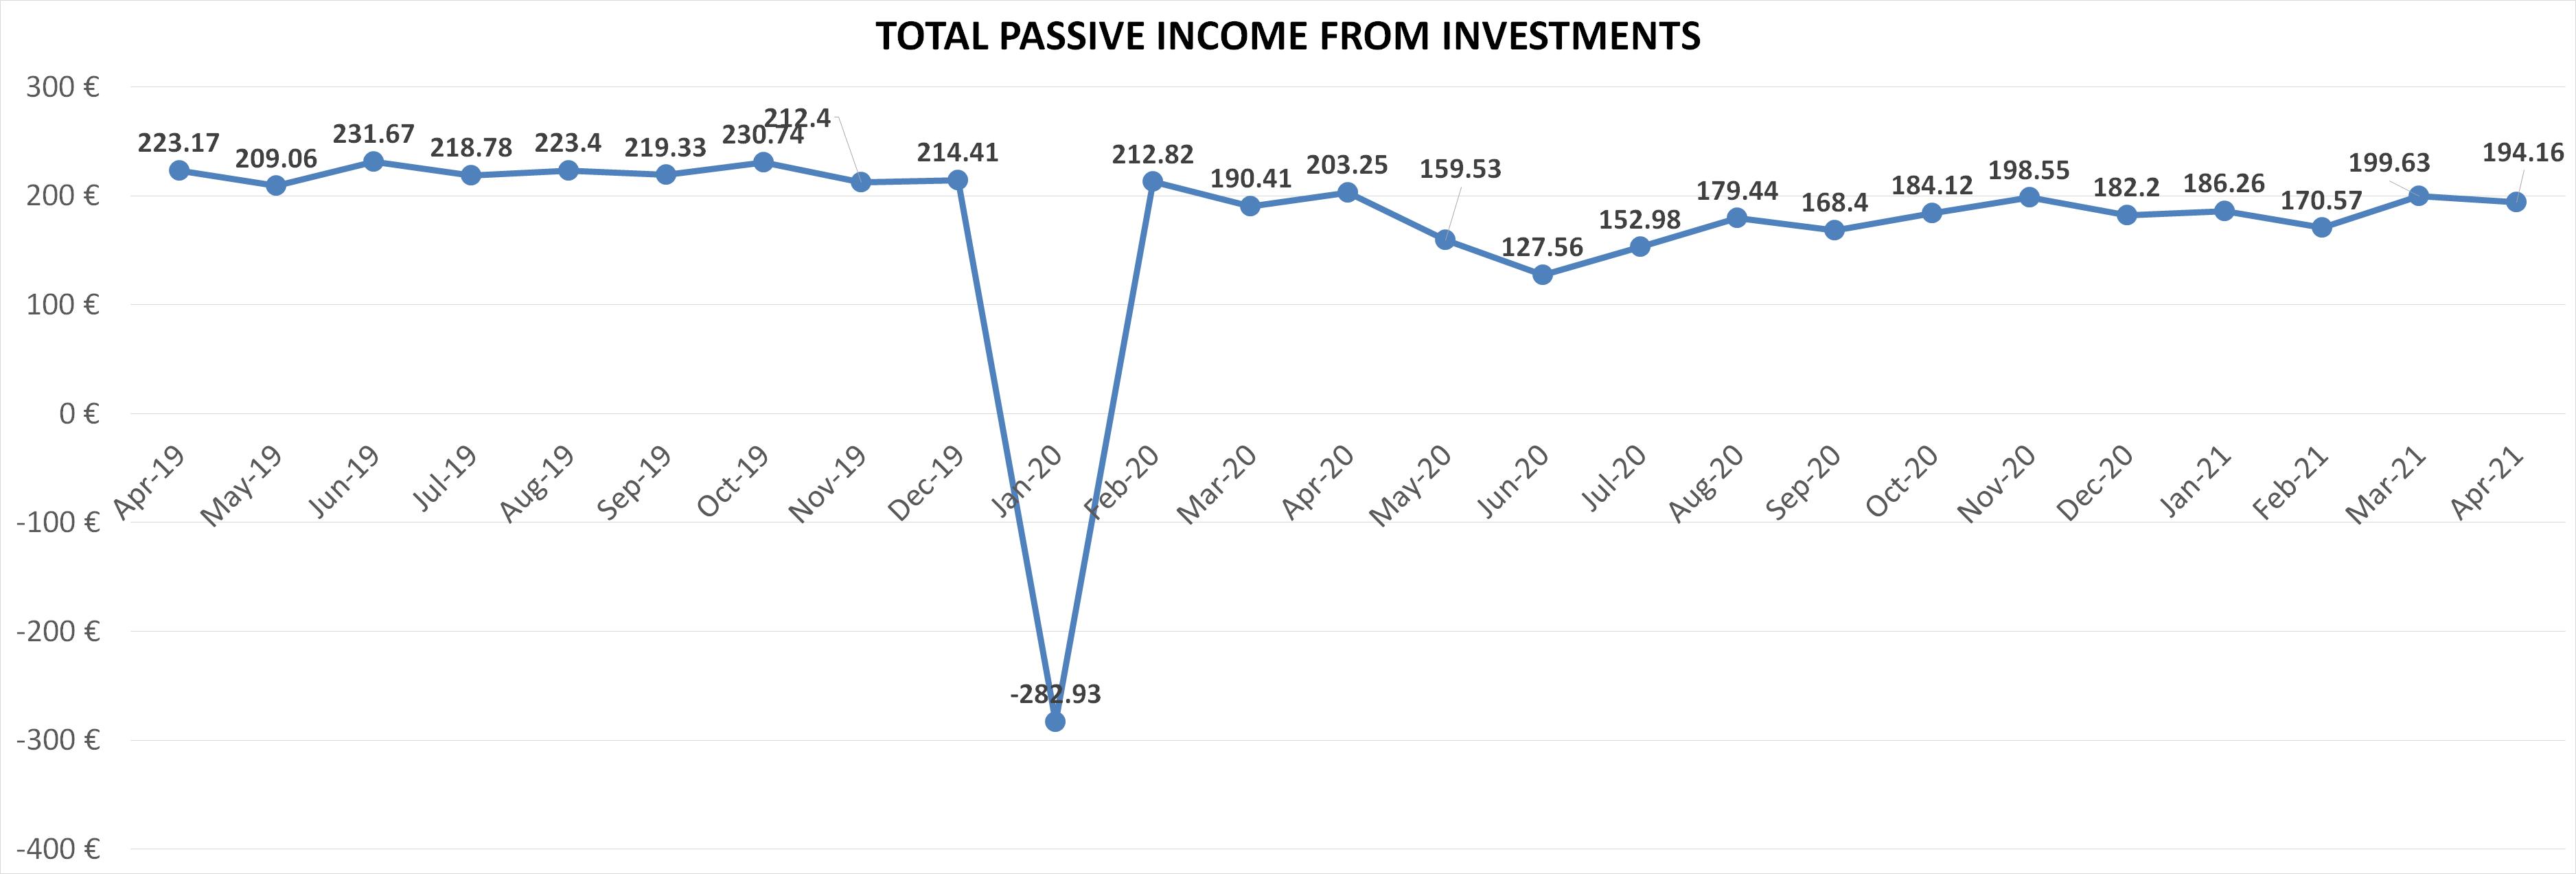 Financefreedom.eu total passive income april 2021